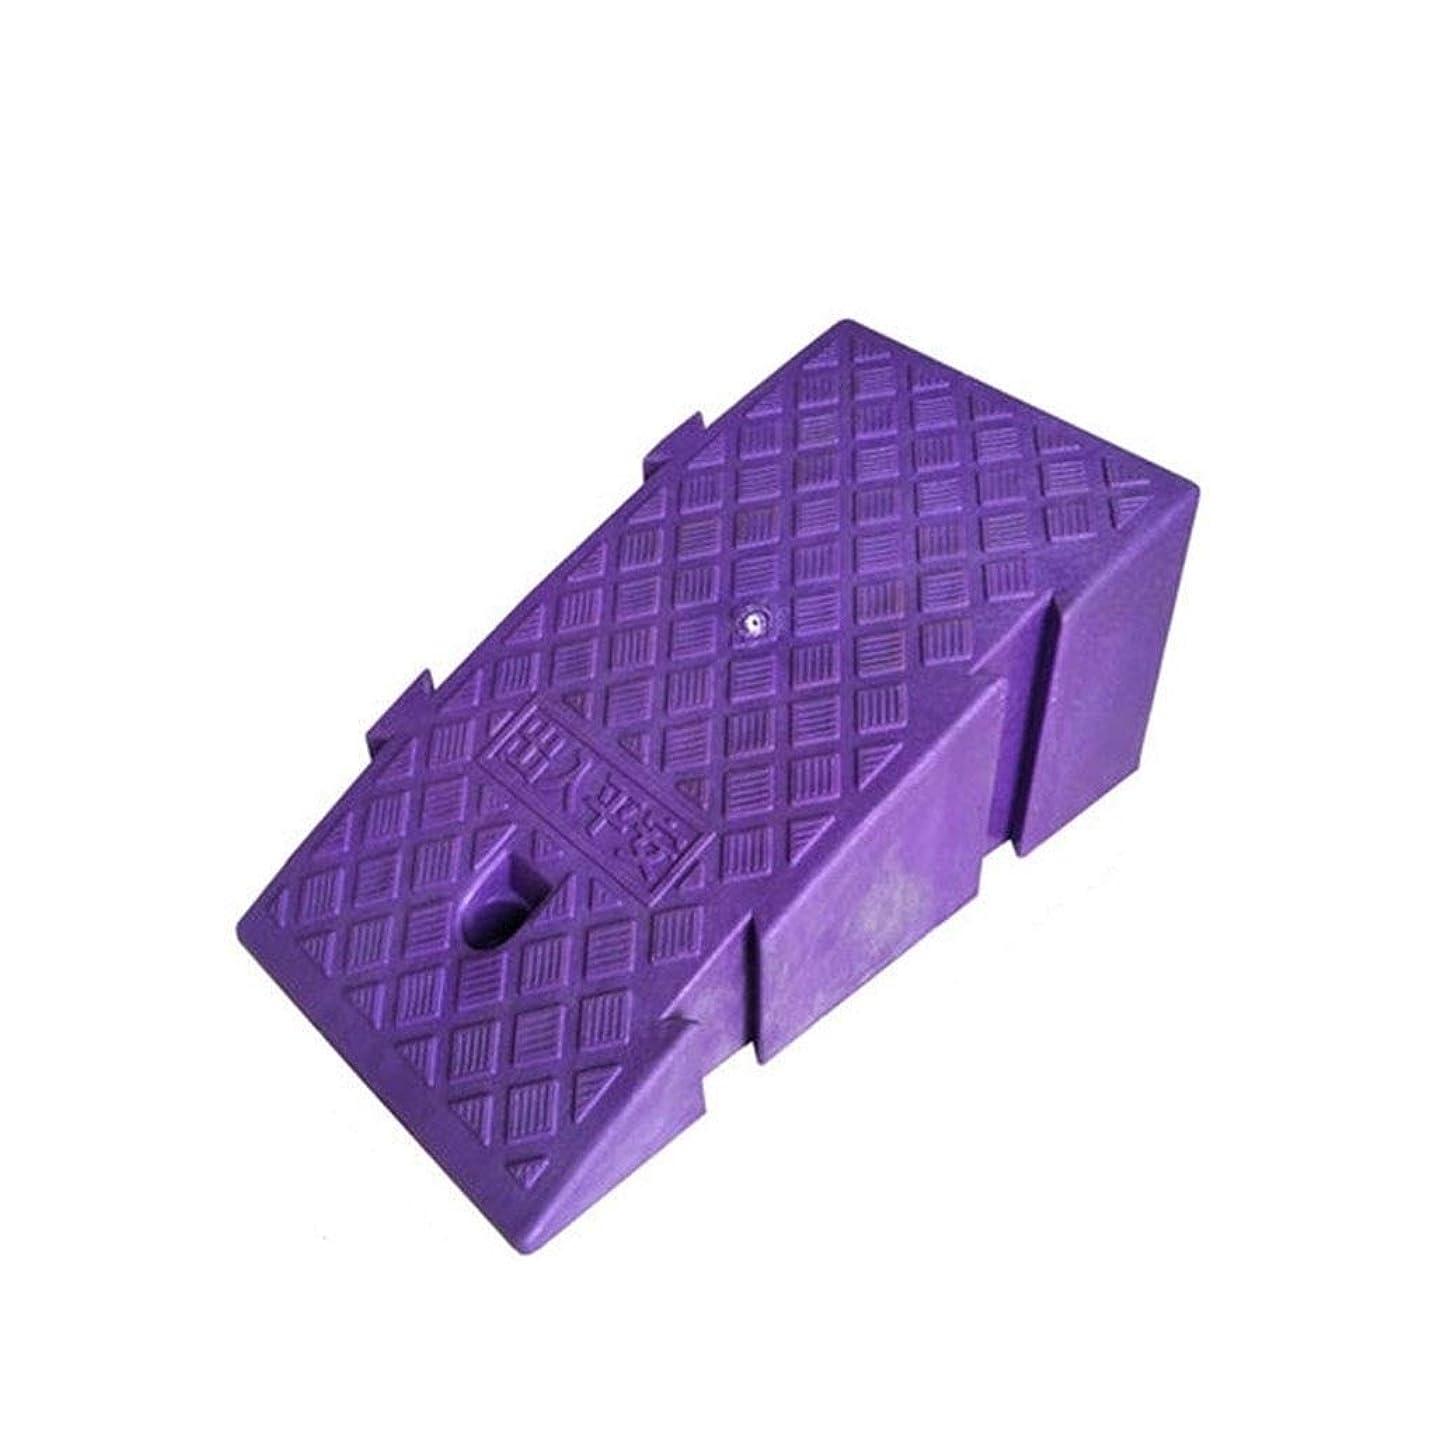 昨日プーノ配置オートバイのスロープマット、プラスチックスプライス可能な車椅子傾斜の世帯のステップ傾斜パッドバー駐車場入口サービス傾斜高さ:16CM / 19CM (Color : Purple, Size : 25*40*16CM)